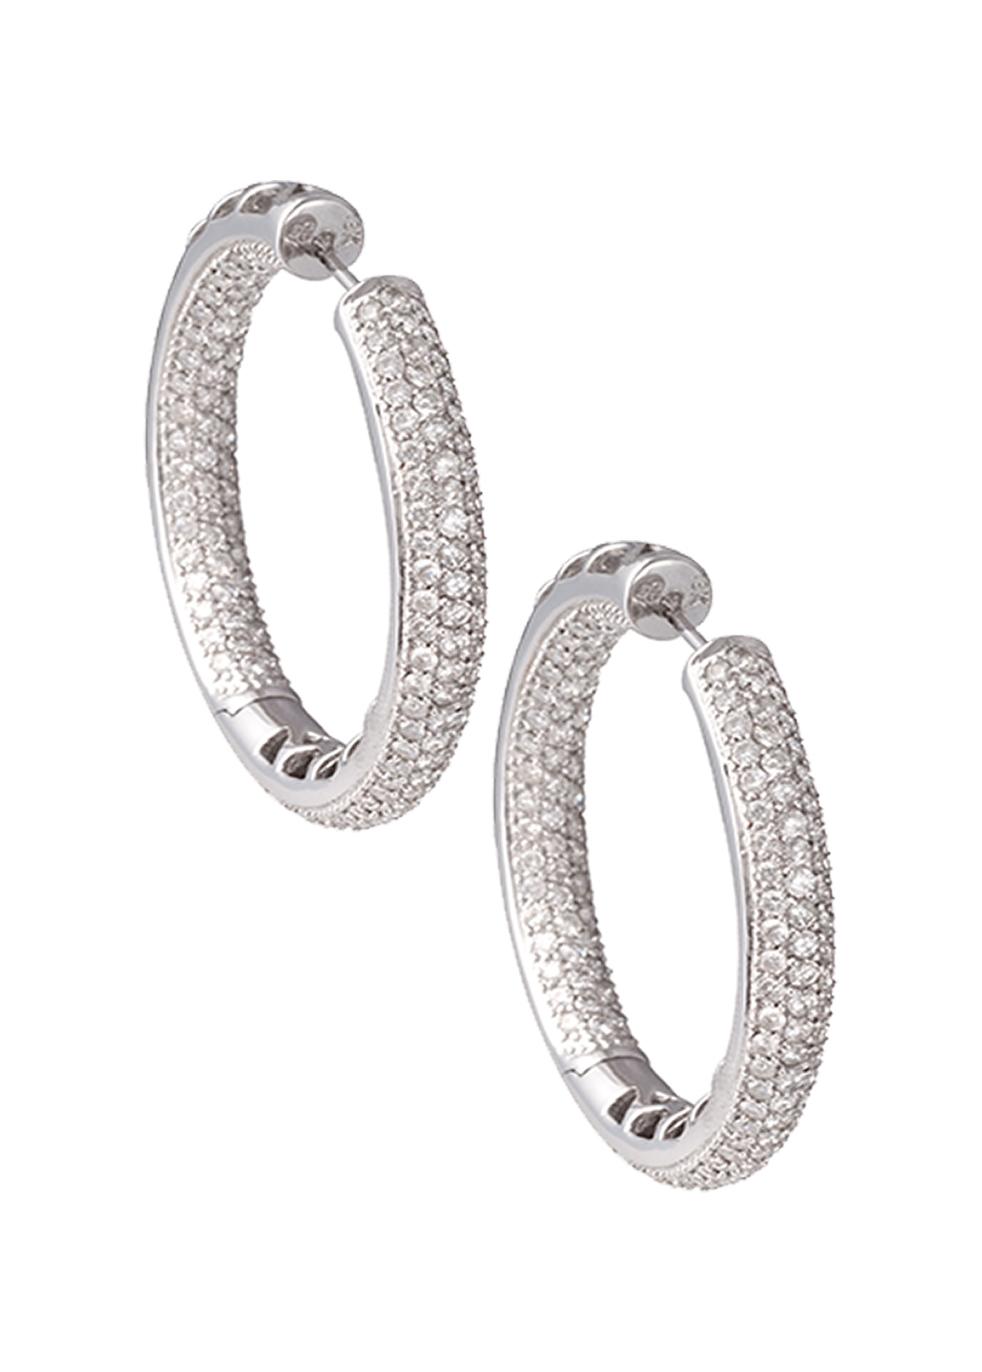 KOJIS LARGE DIAMOND HOOP EARRINGS